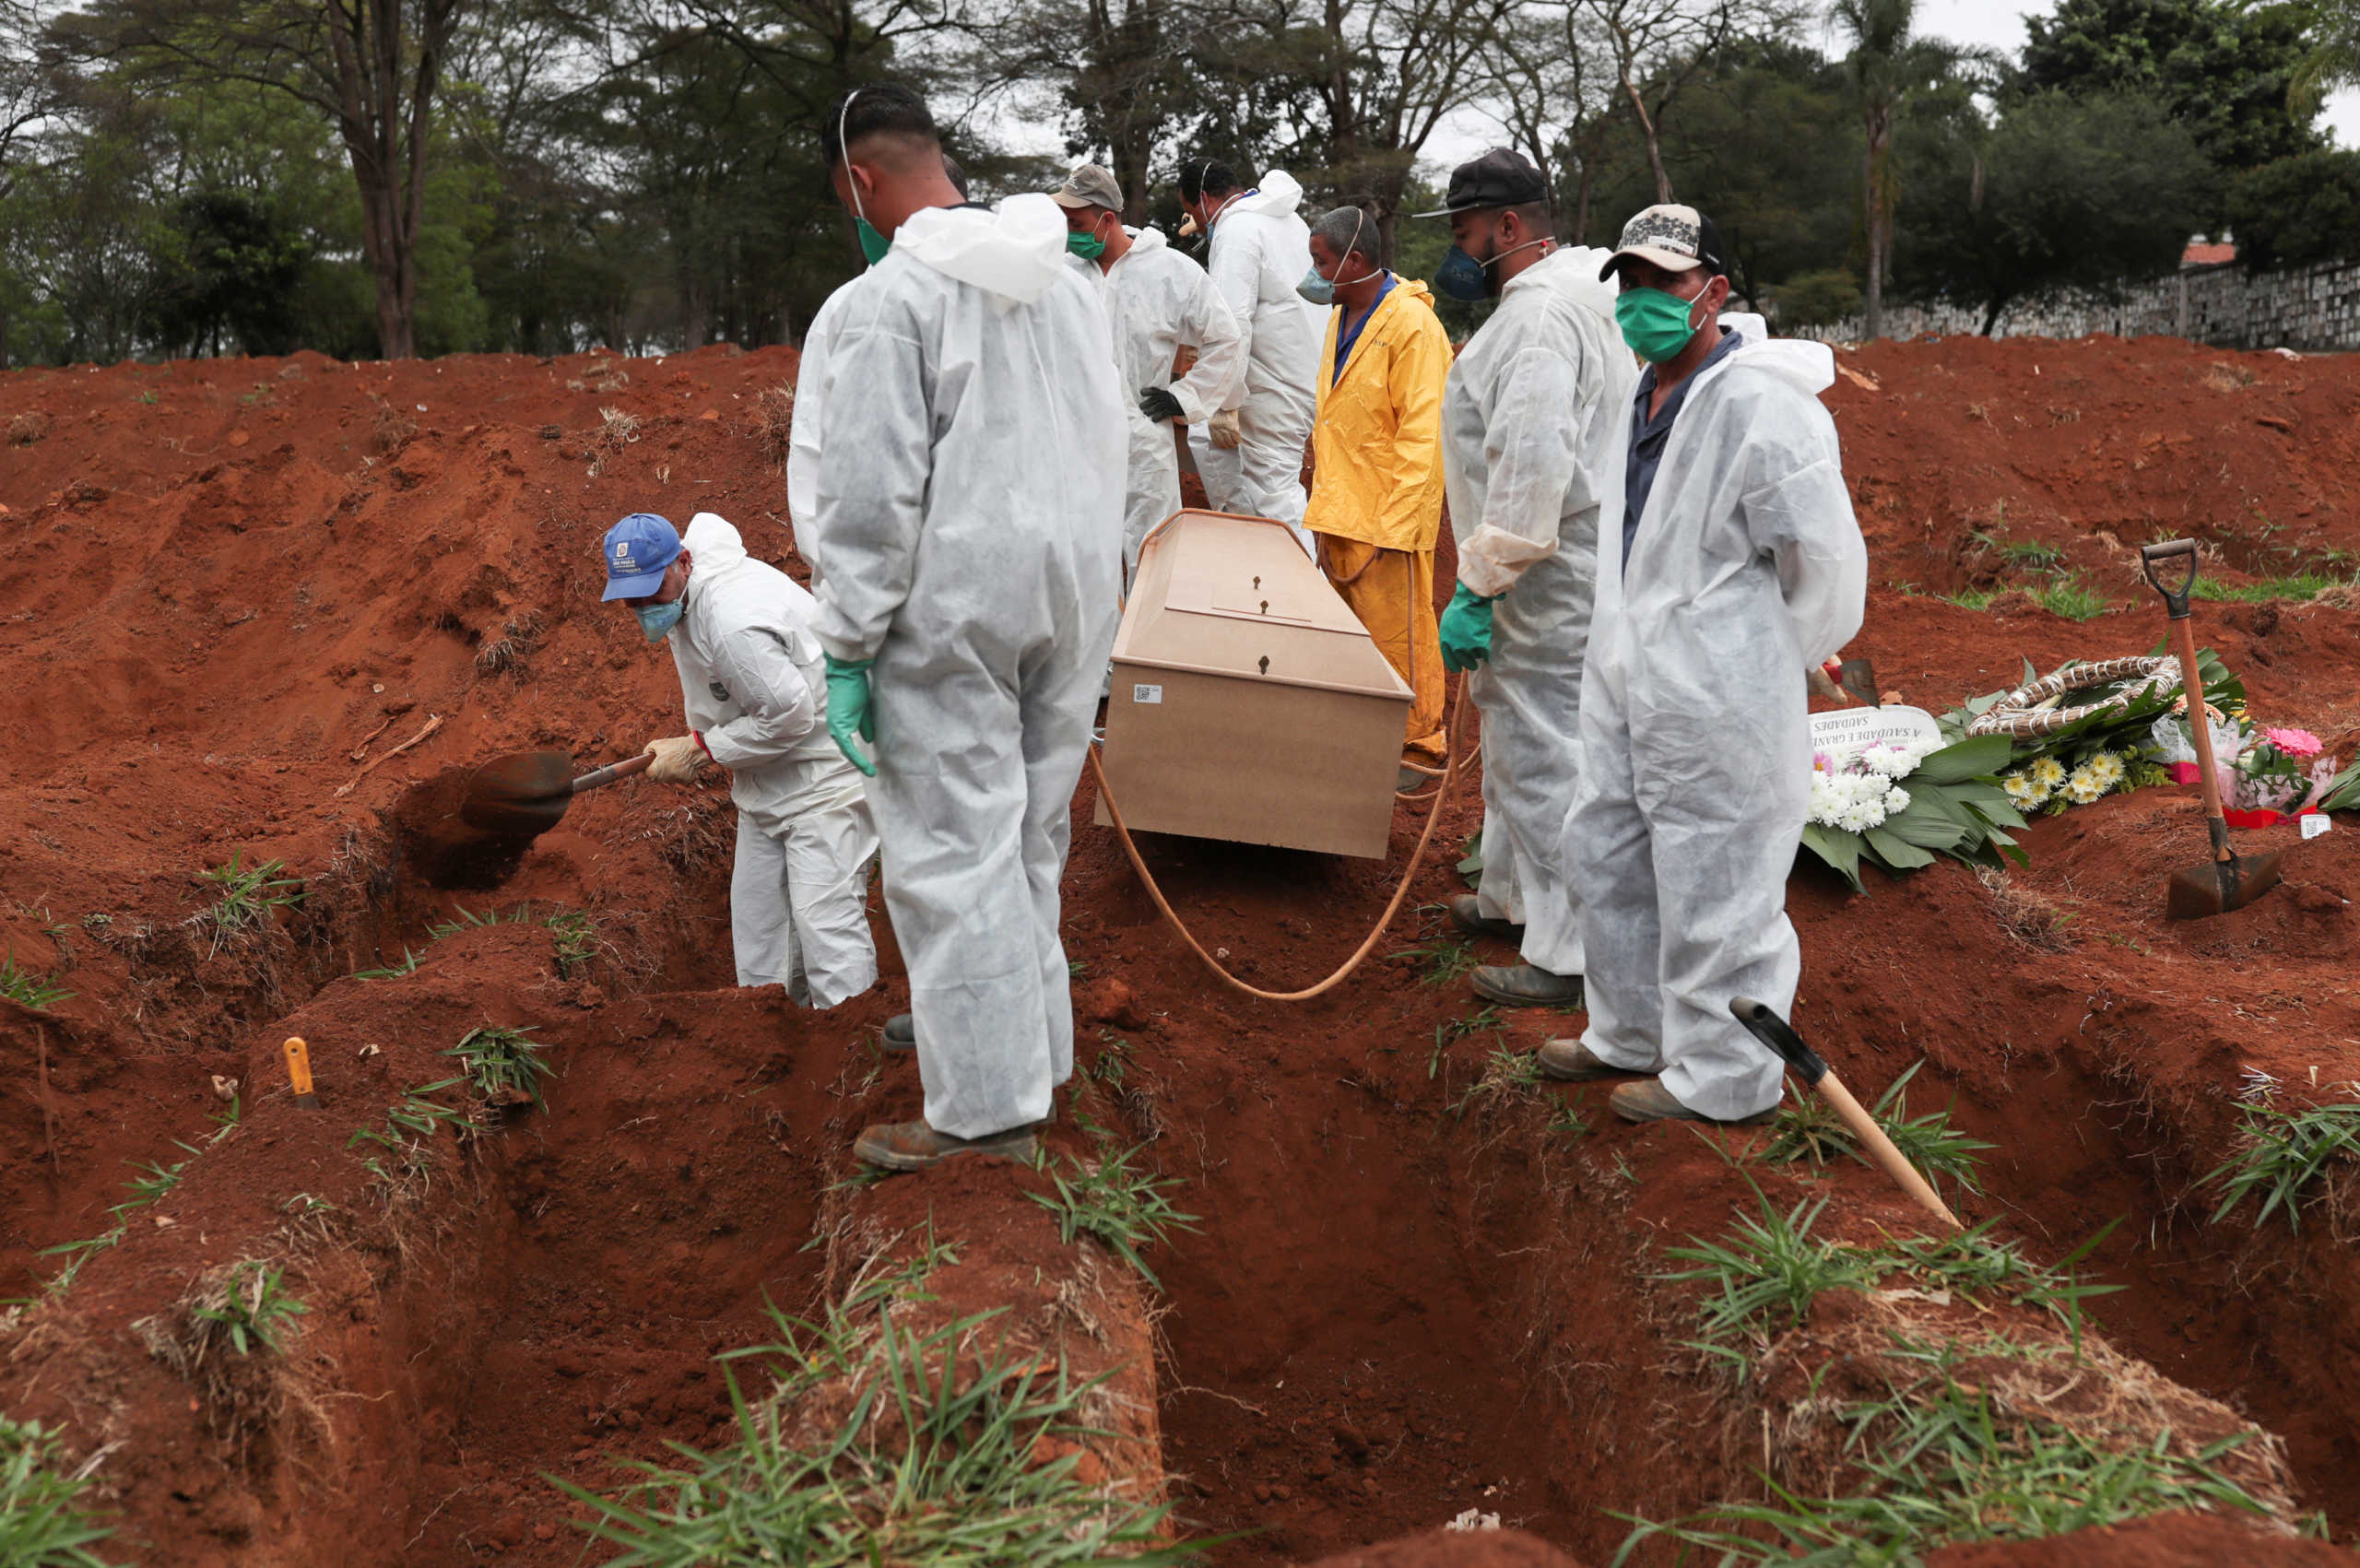 Κορονοϊός: Ακόμη 30.000 κρούσματα και 571 νεκροί στη Βραζιλία